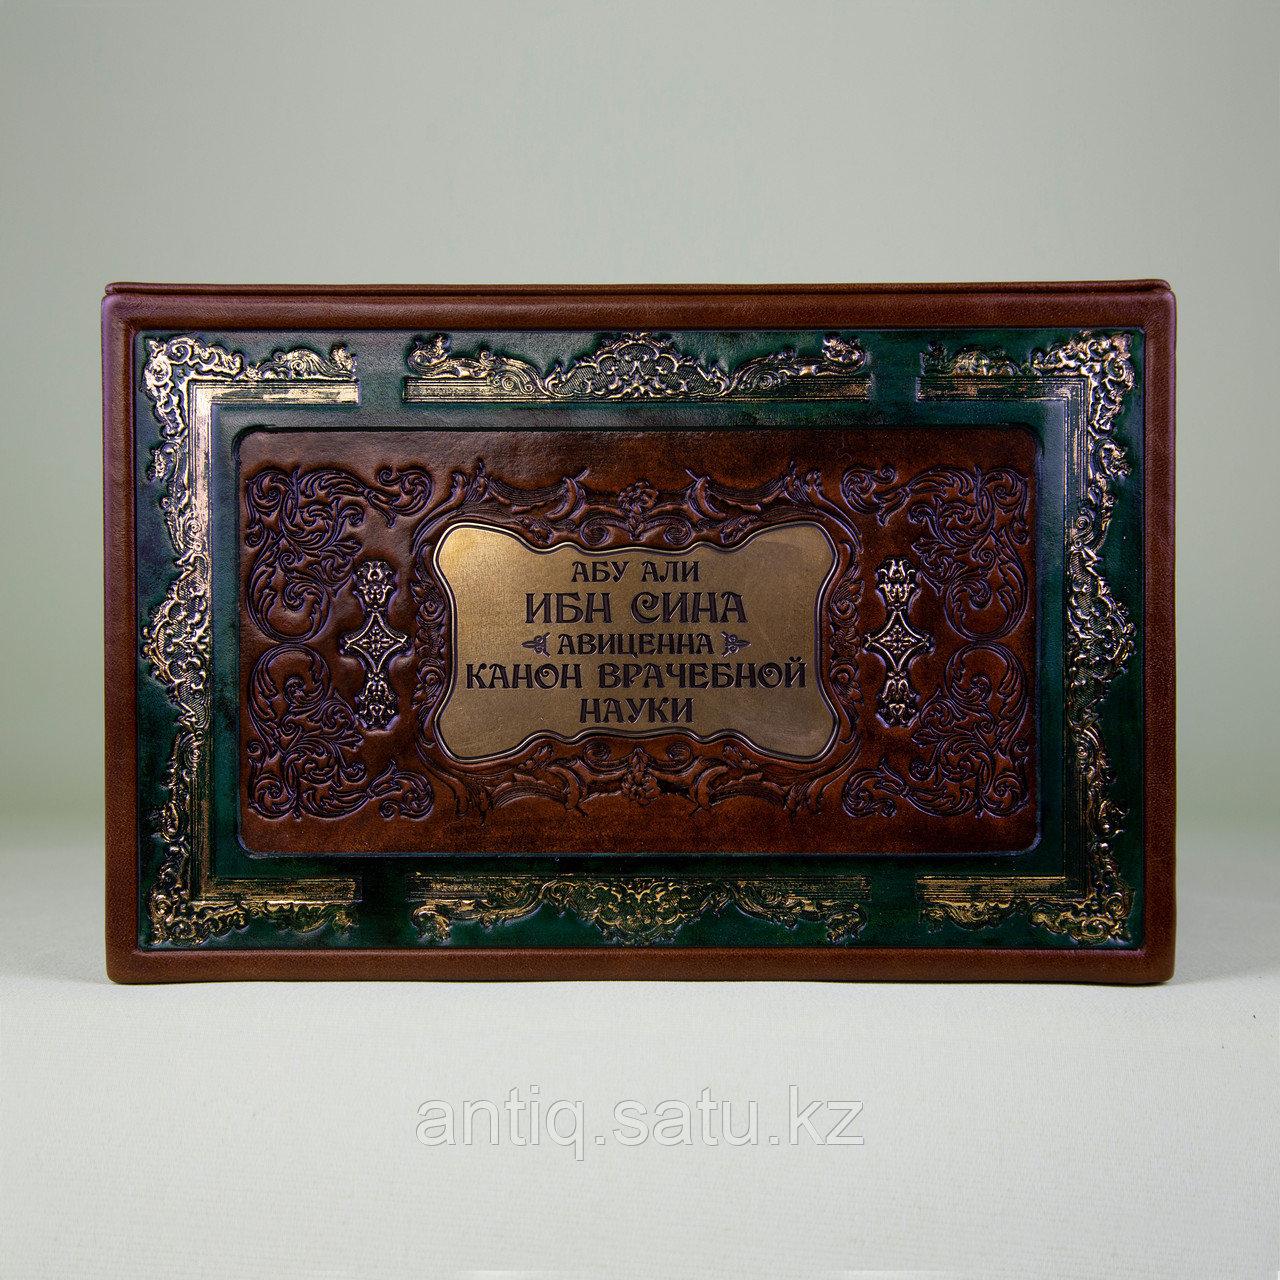 Канон врачебной науки. Автор: Абу Али ибн Сина. В авторском подарочном кейсе из натуральной кожи с тиснением. - фото 4